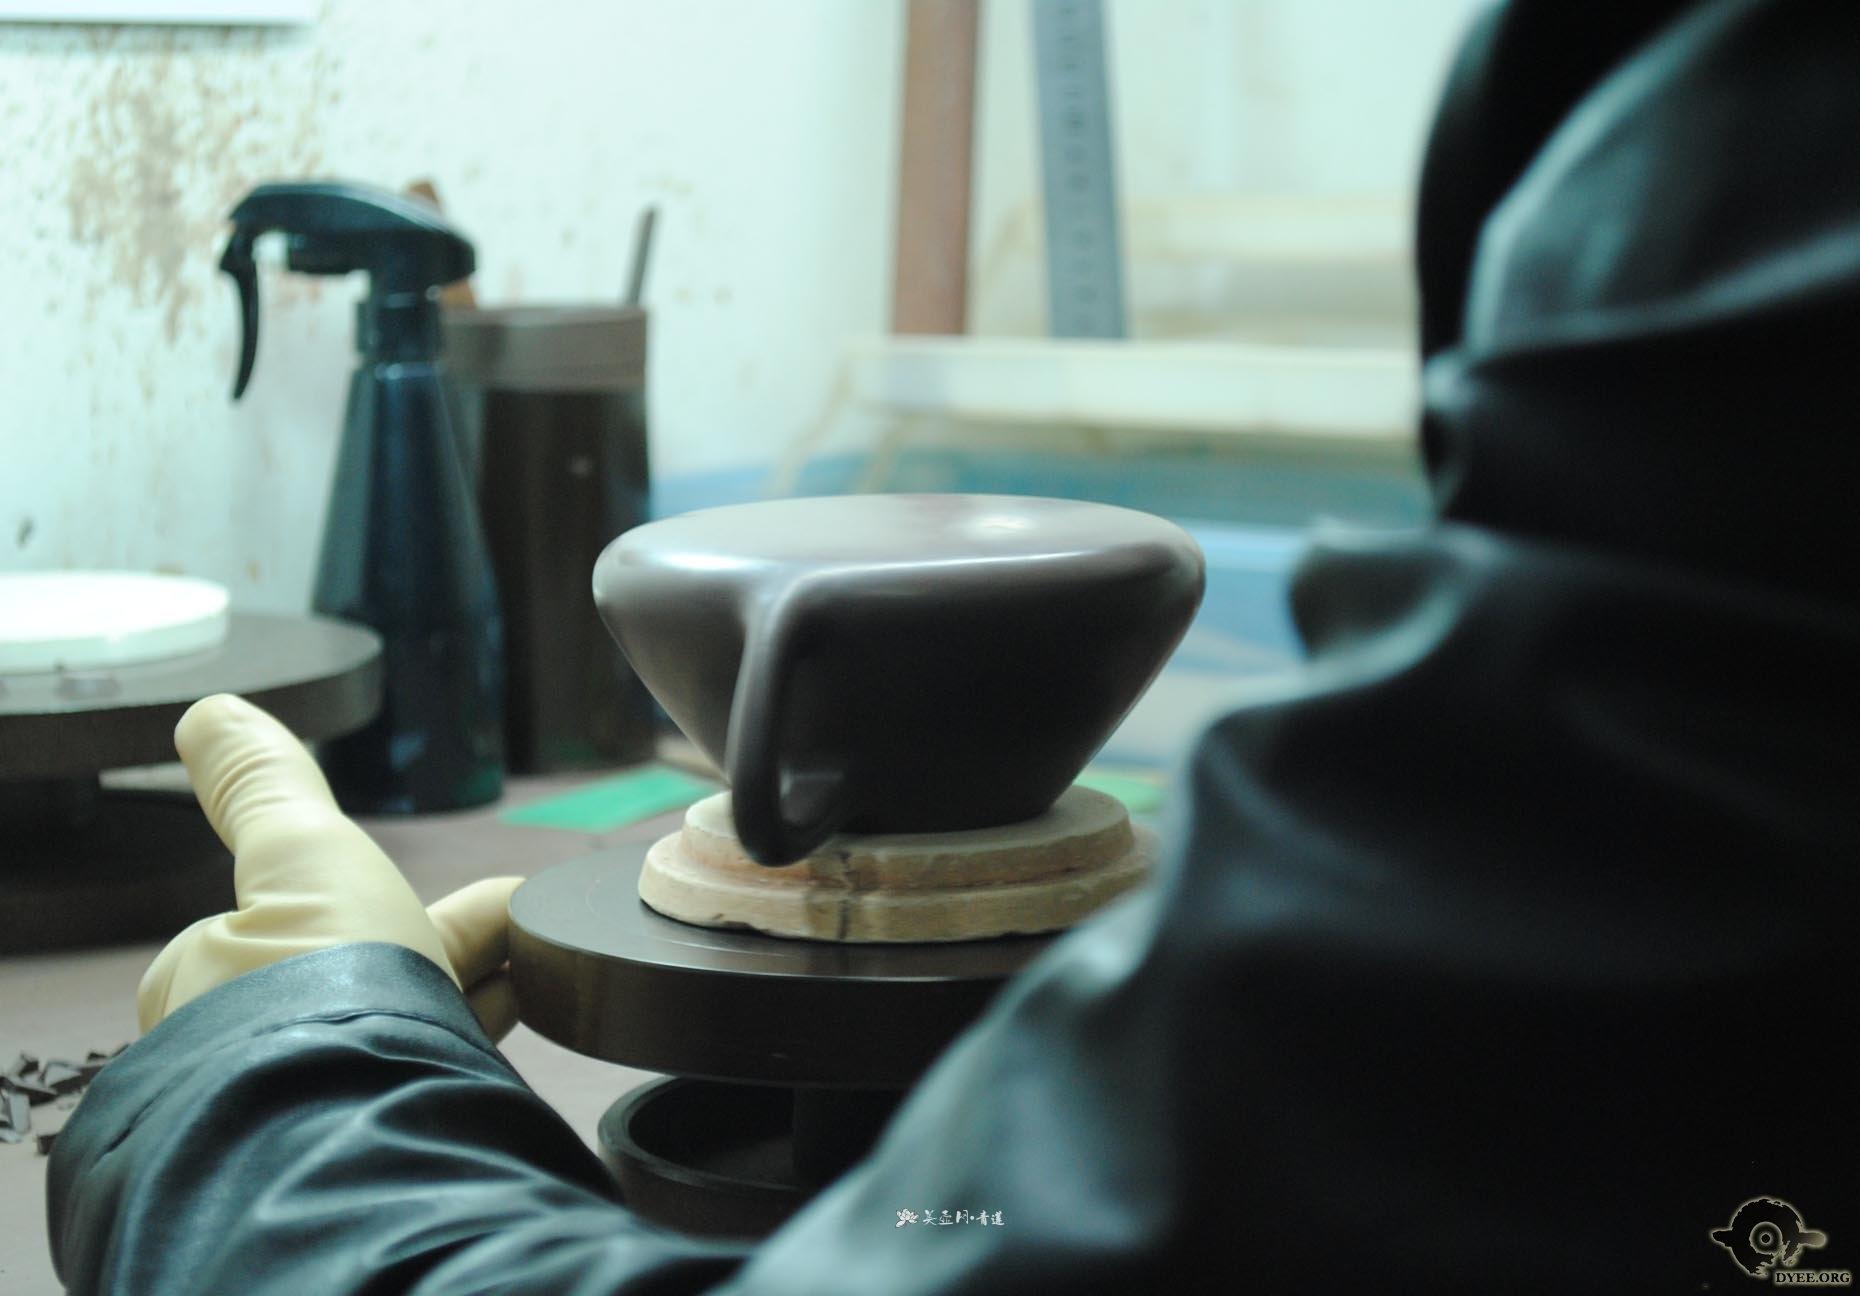 紫砂图片集合  来源:汤红专全手工子冶石瓢制作过程演示  来源:汤红专